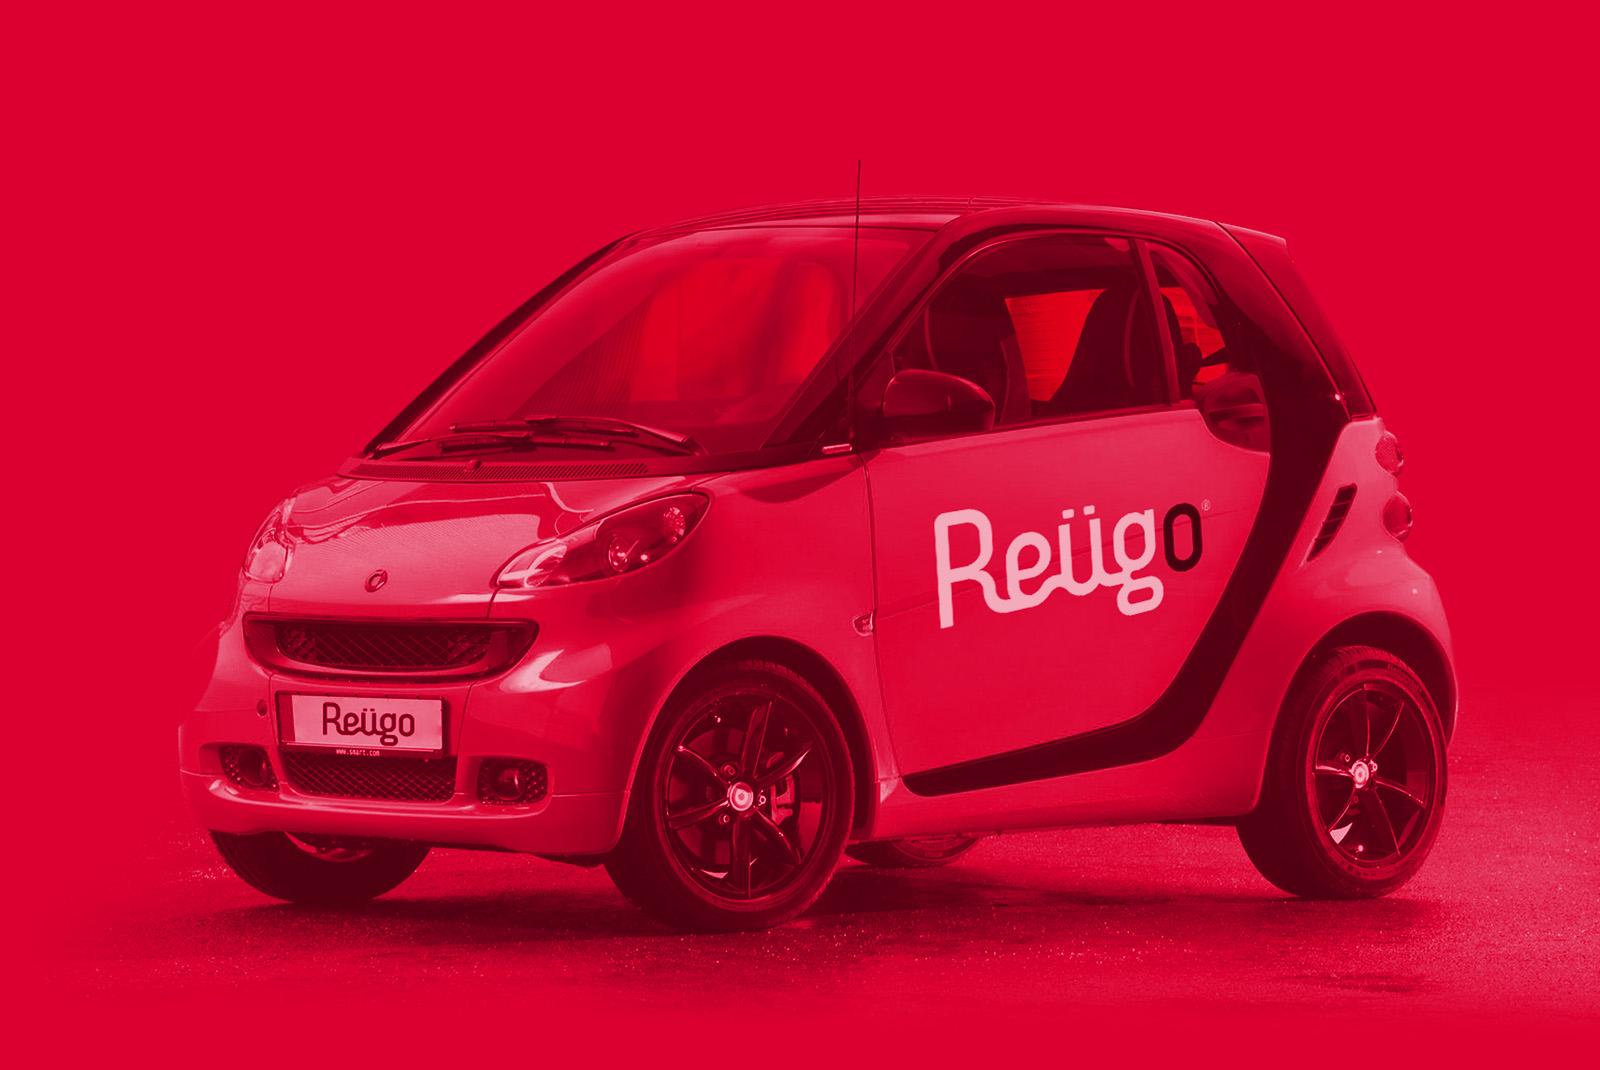 REUGO_MARQUAGE_voiture